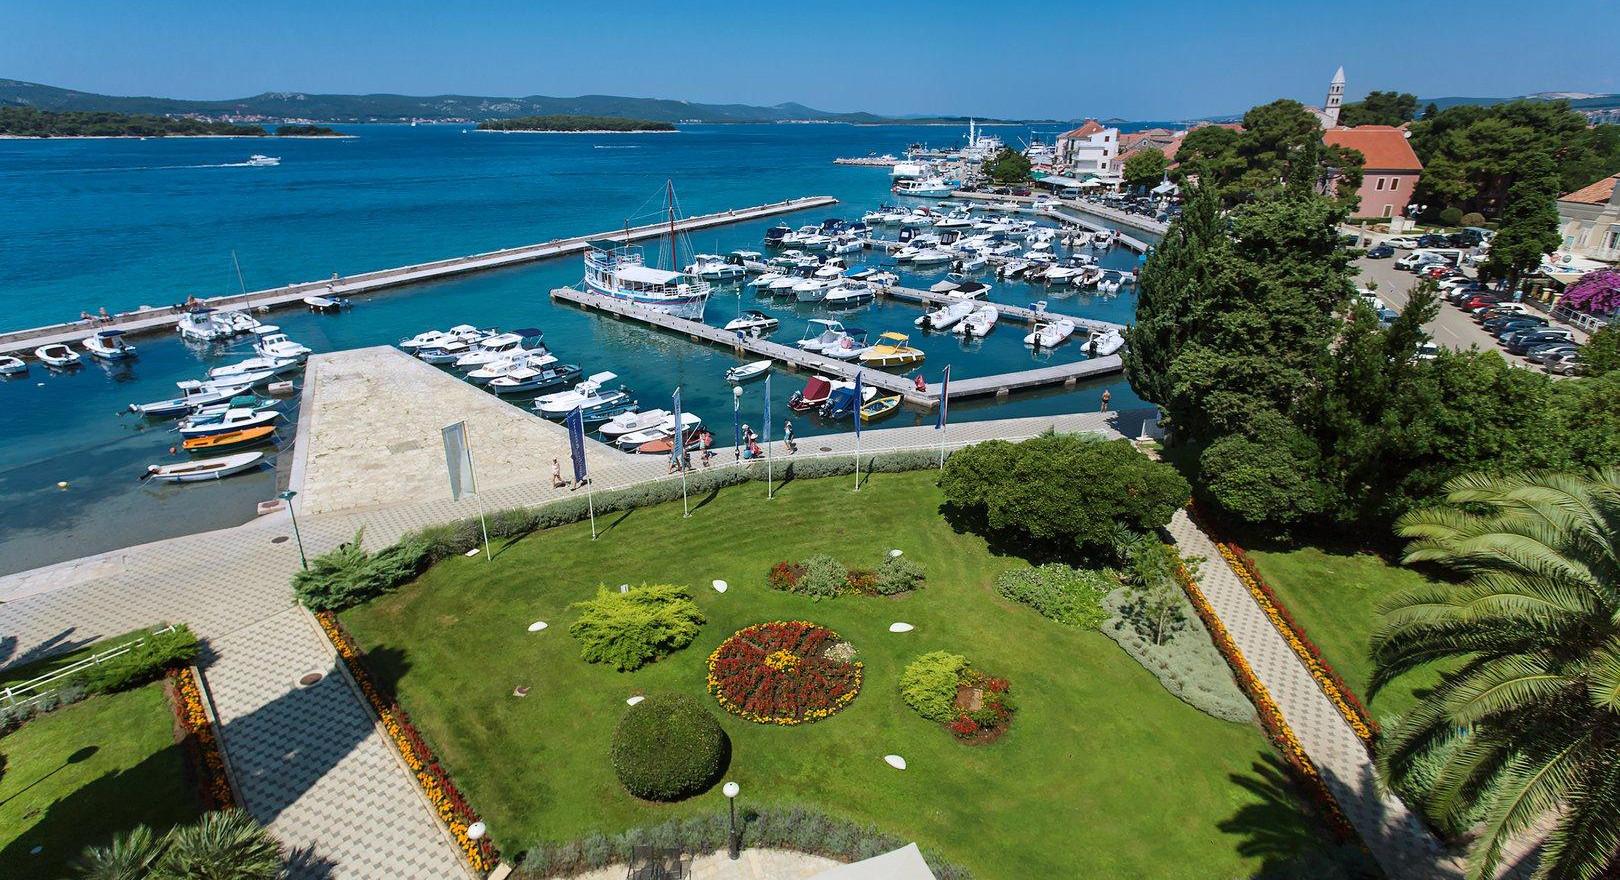 Ilirija Resort